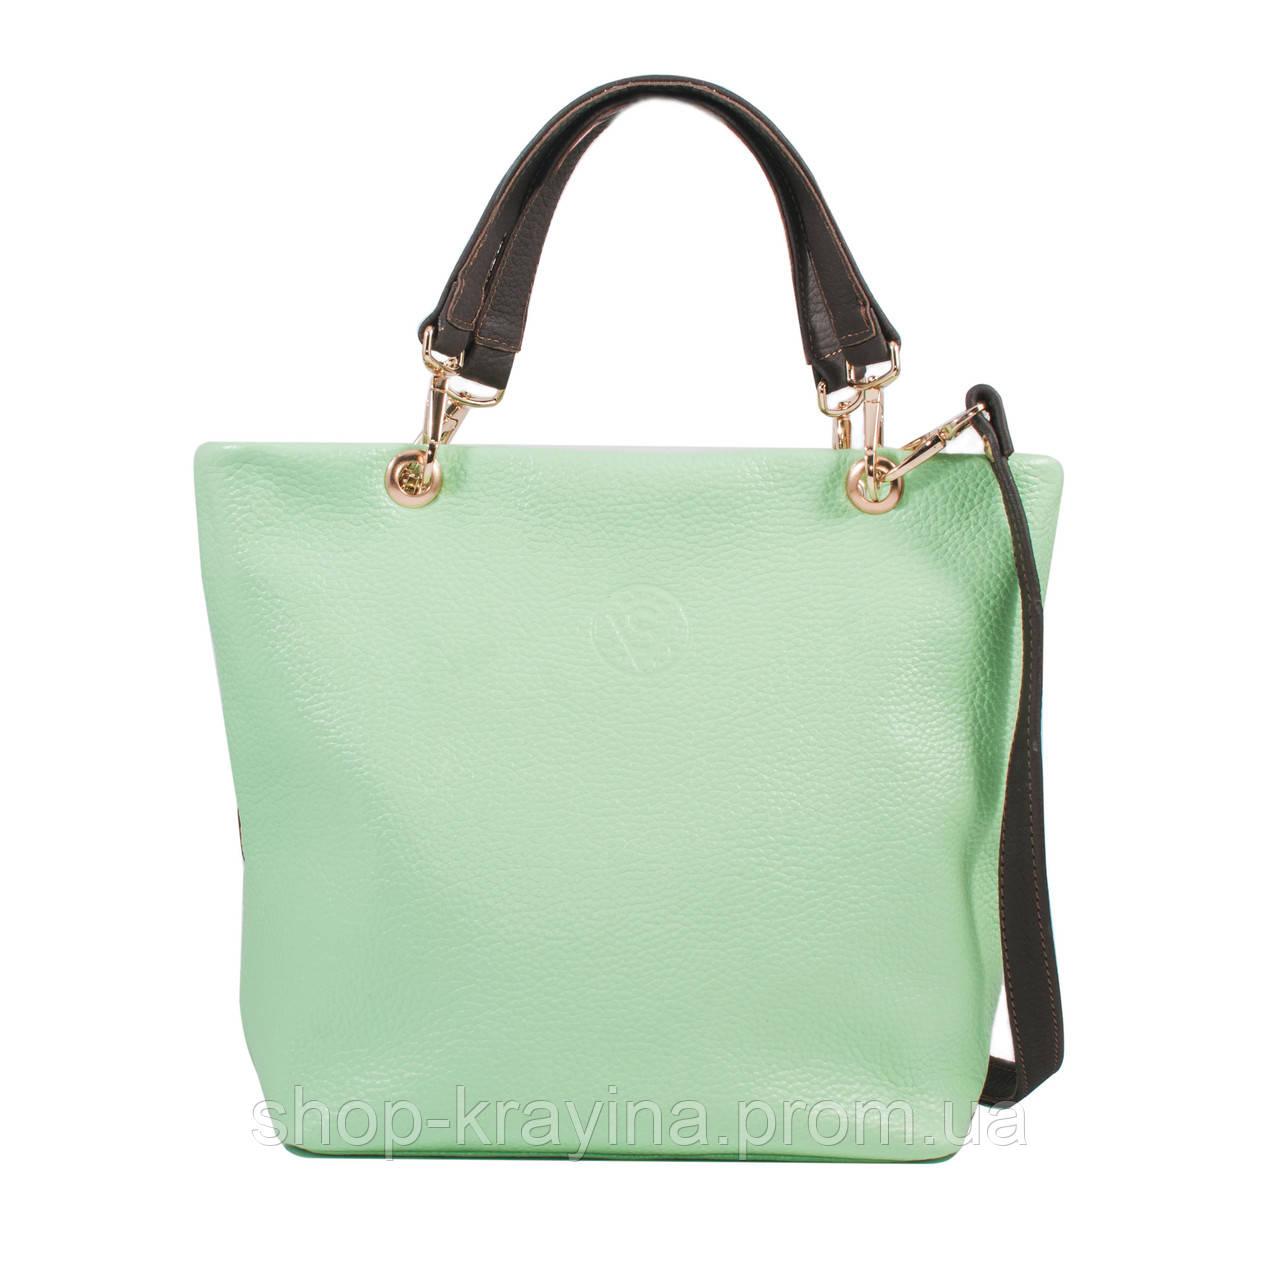 Кожаная сумка VS239 light green 27х23х9 см